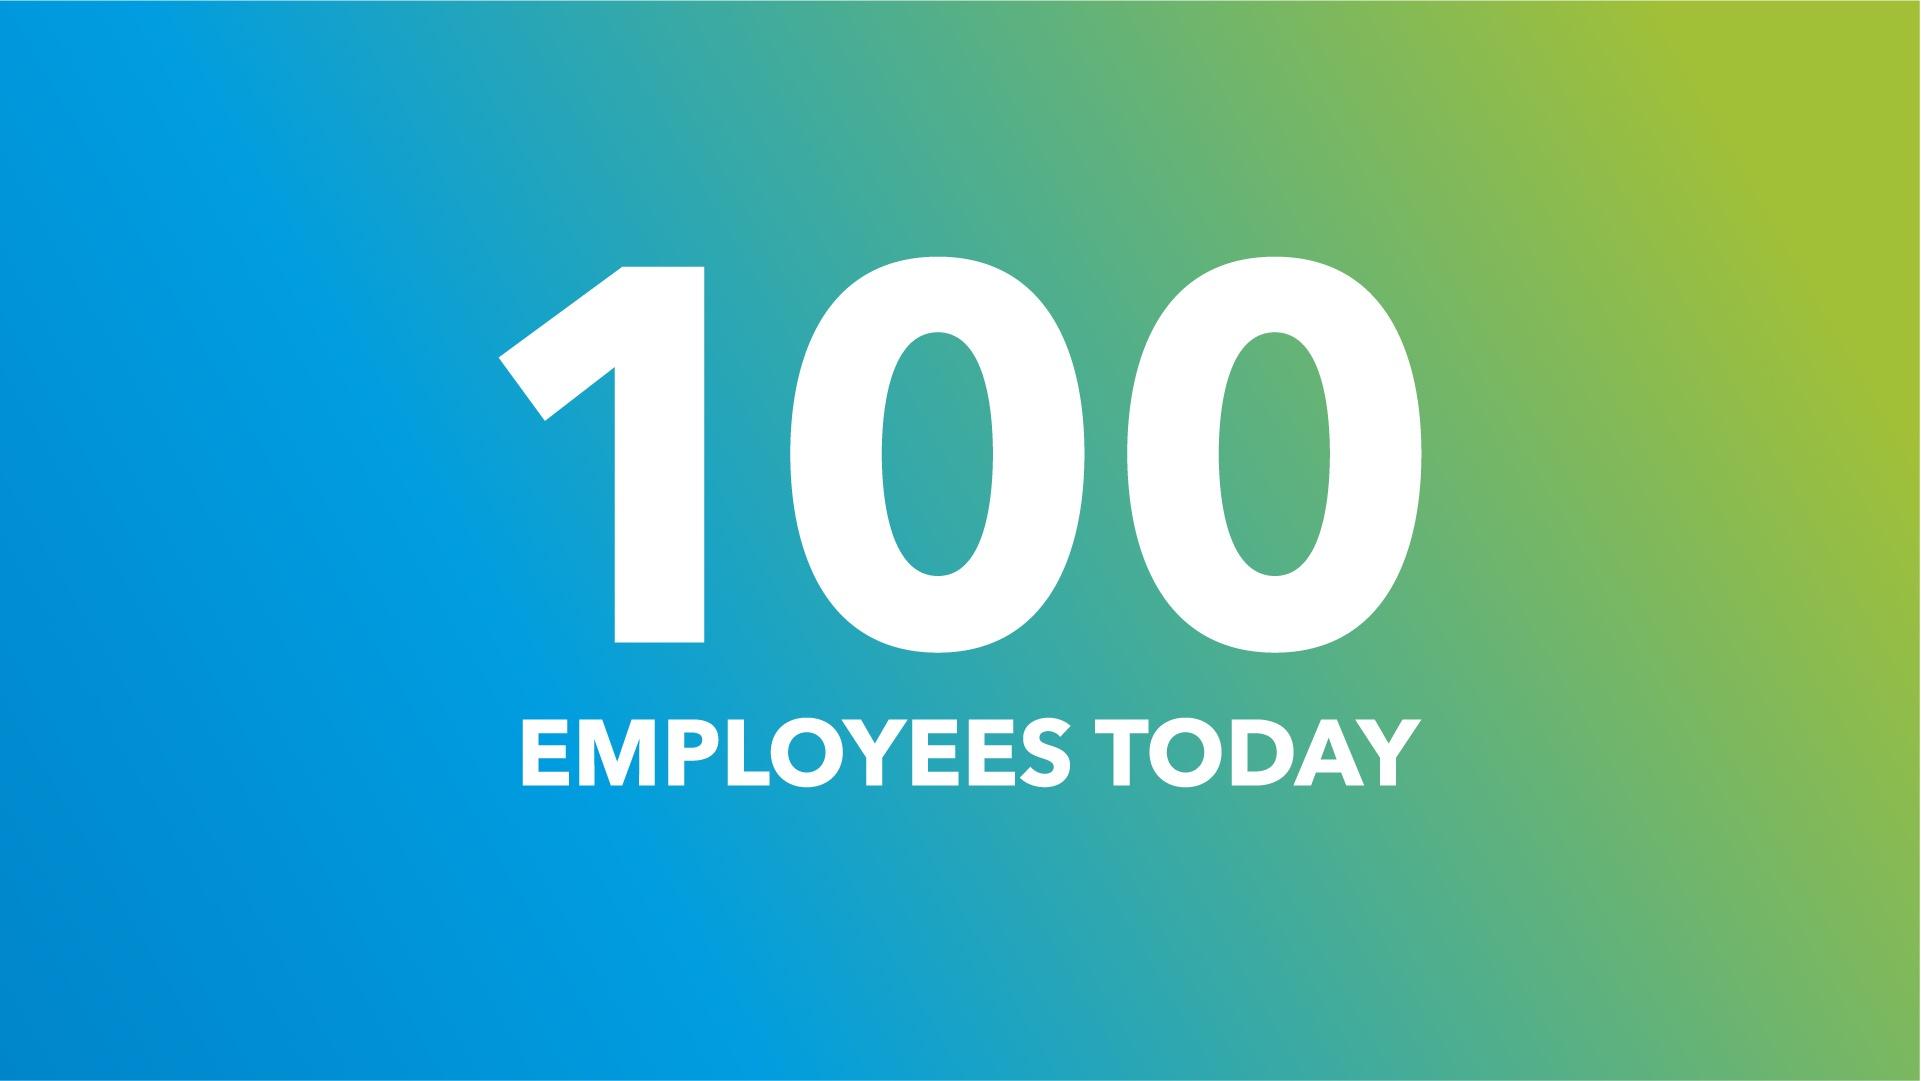 I primi 100 dipendenti